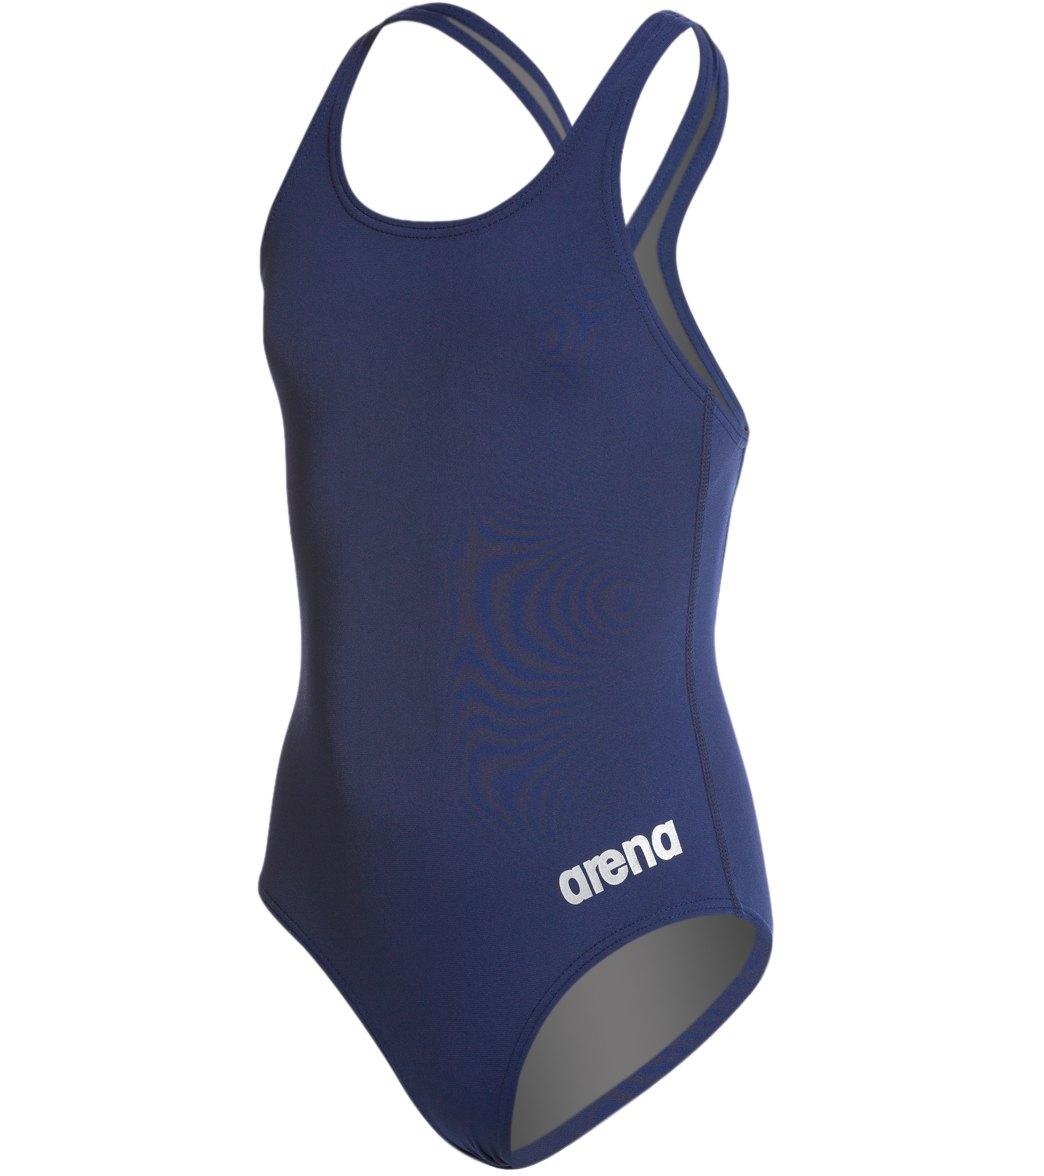 64498e4204282 Arena Girls  Swimwear at SwimOutlet.com